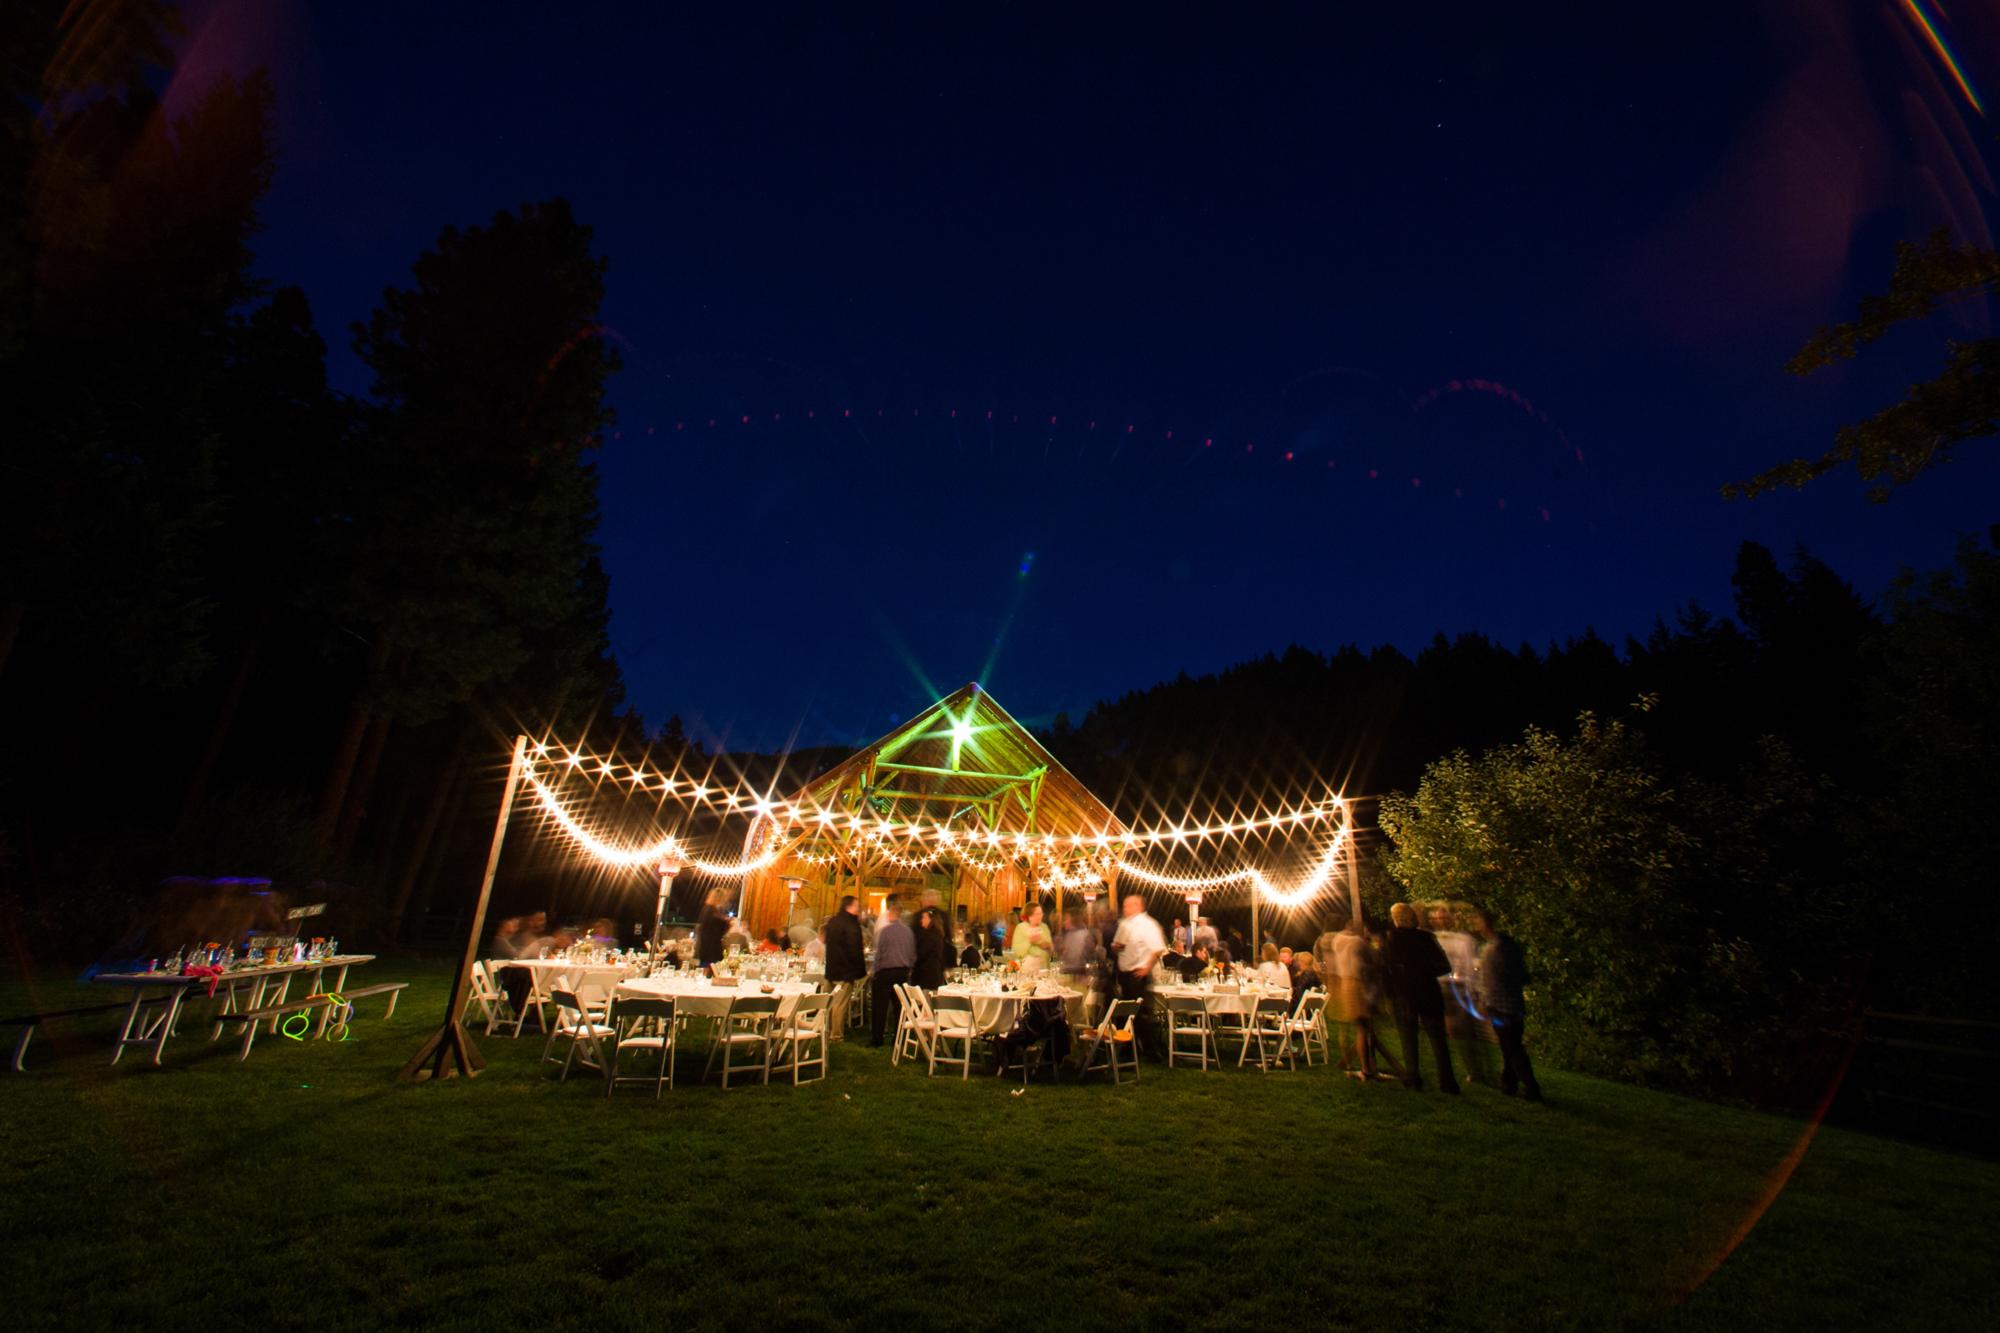 ashley vos photography seattle tacoma area wedding photographer_0840.jpg